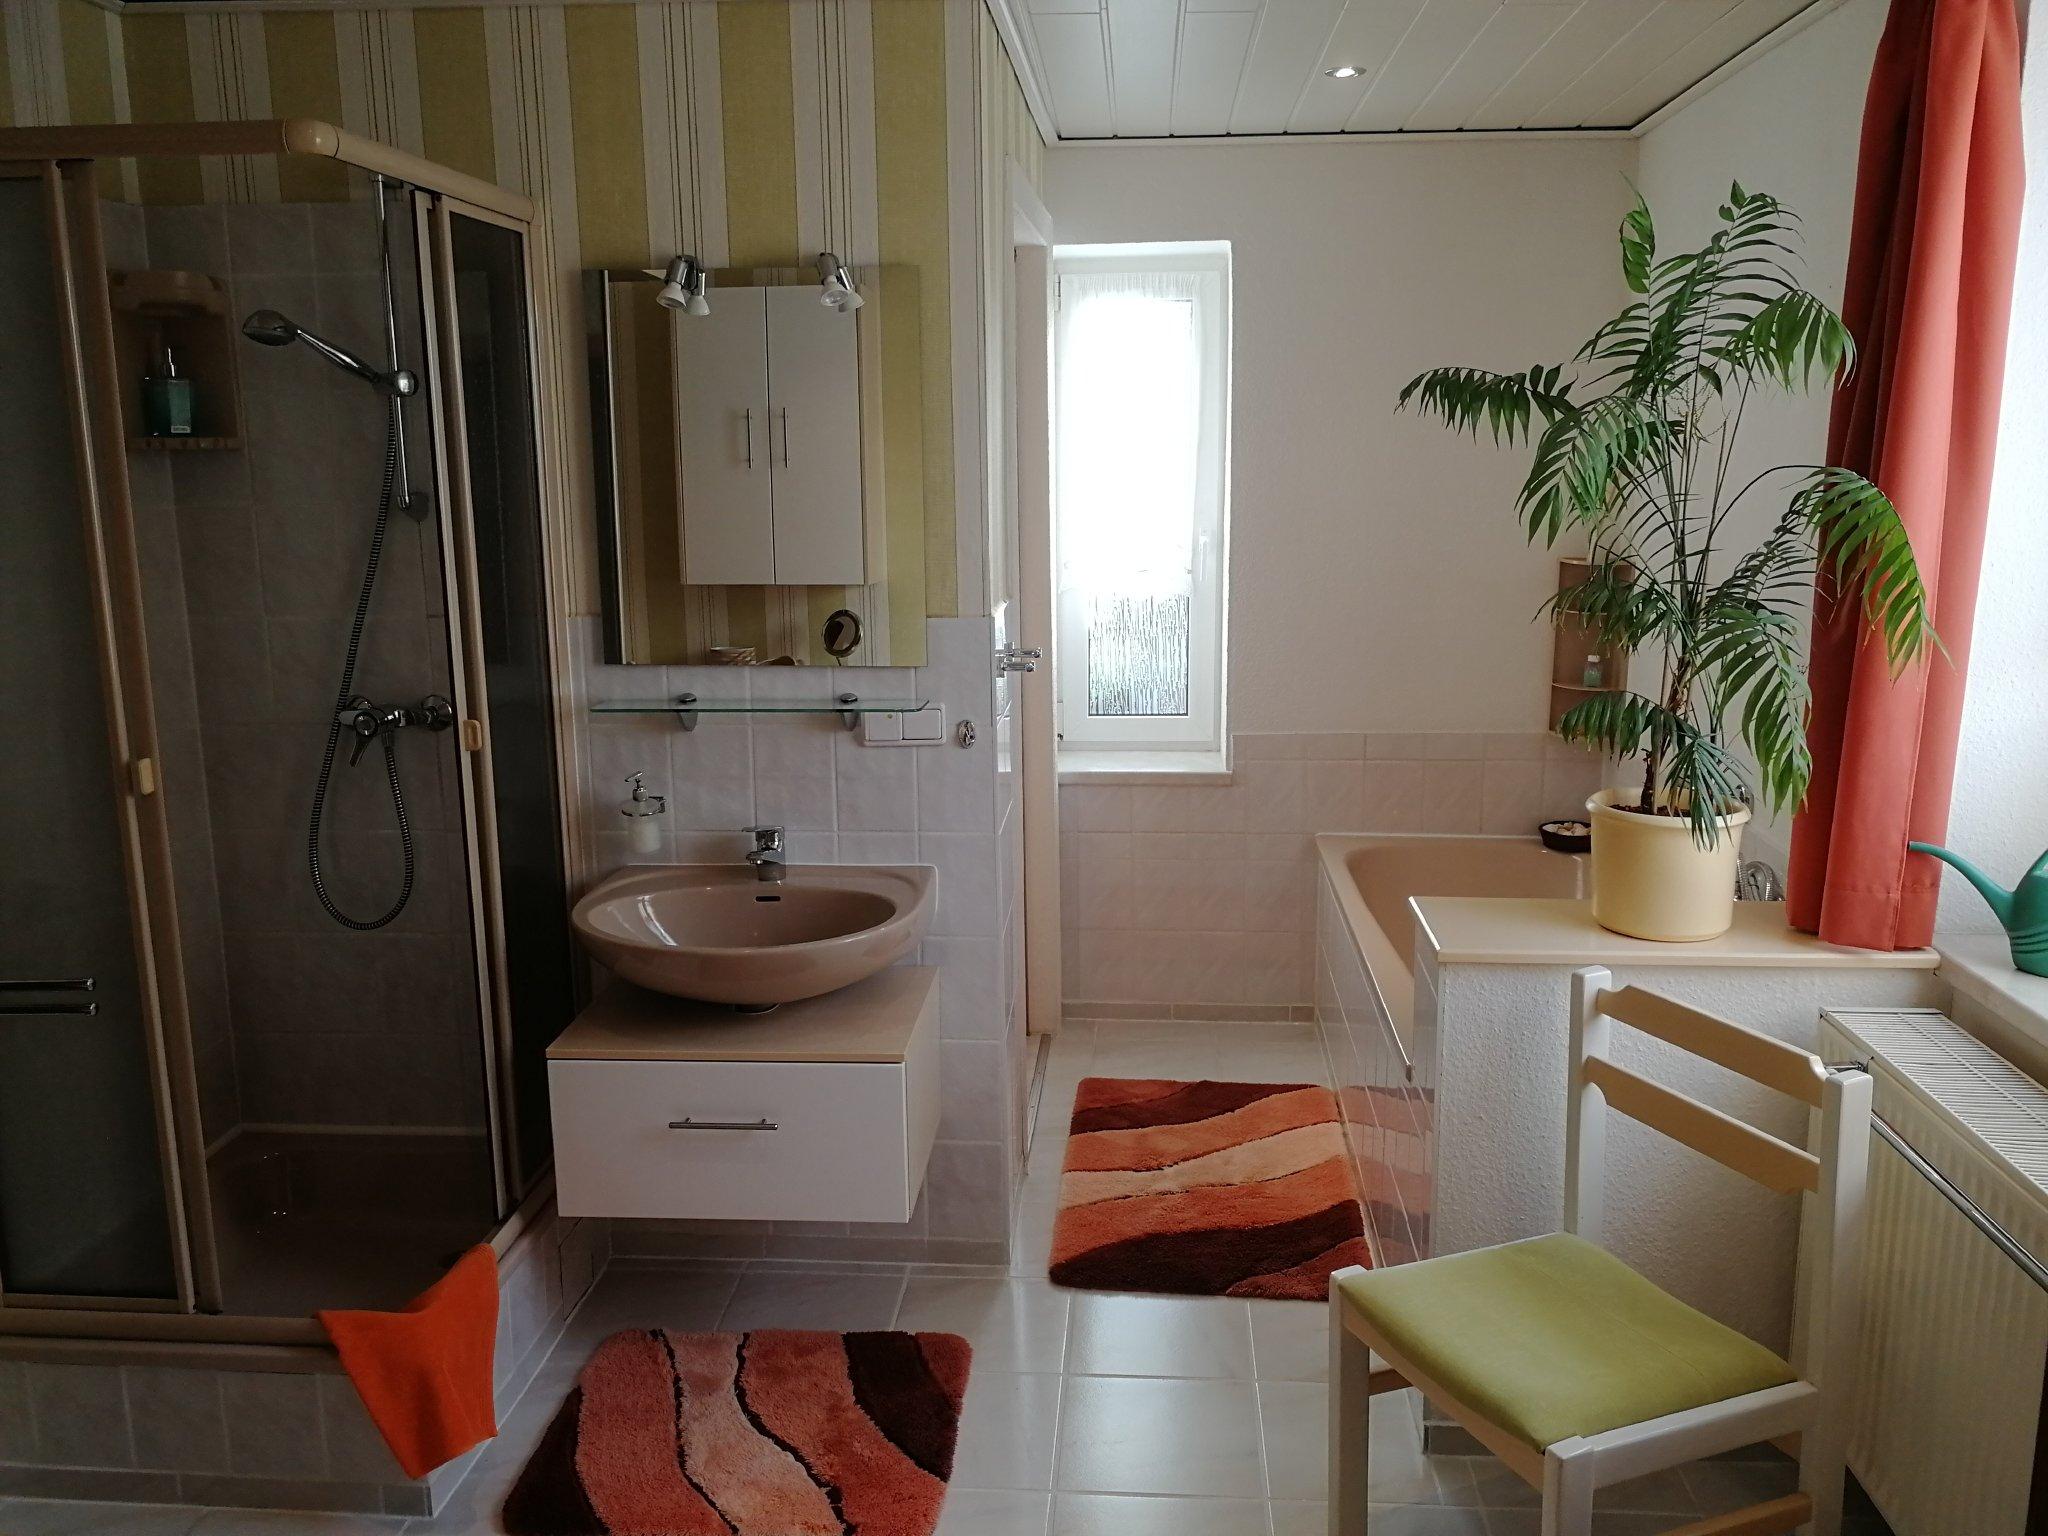 Bad mit Dusche und Wanne, Toilettenraum